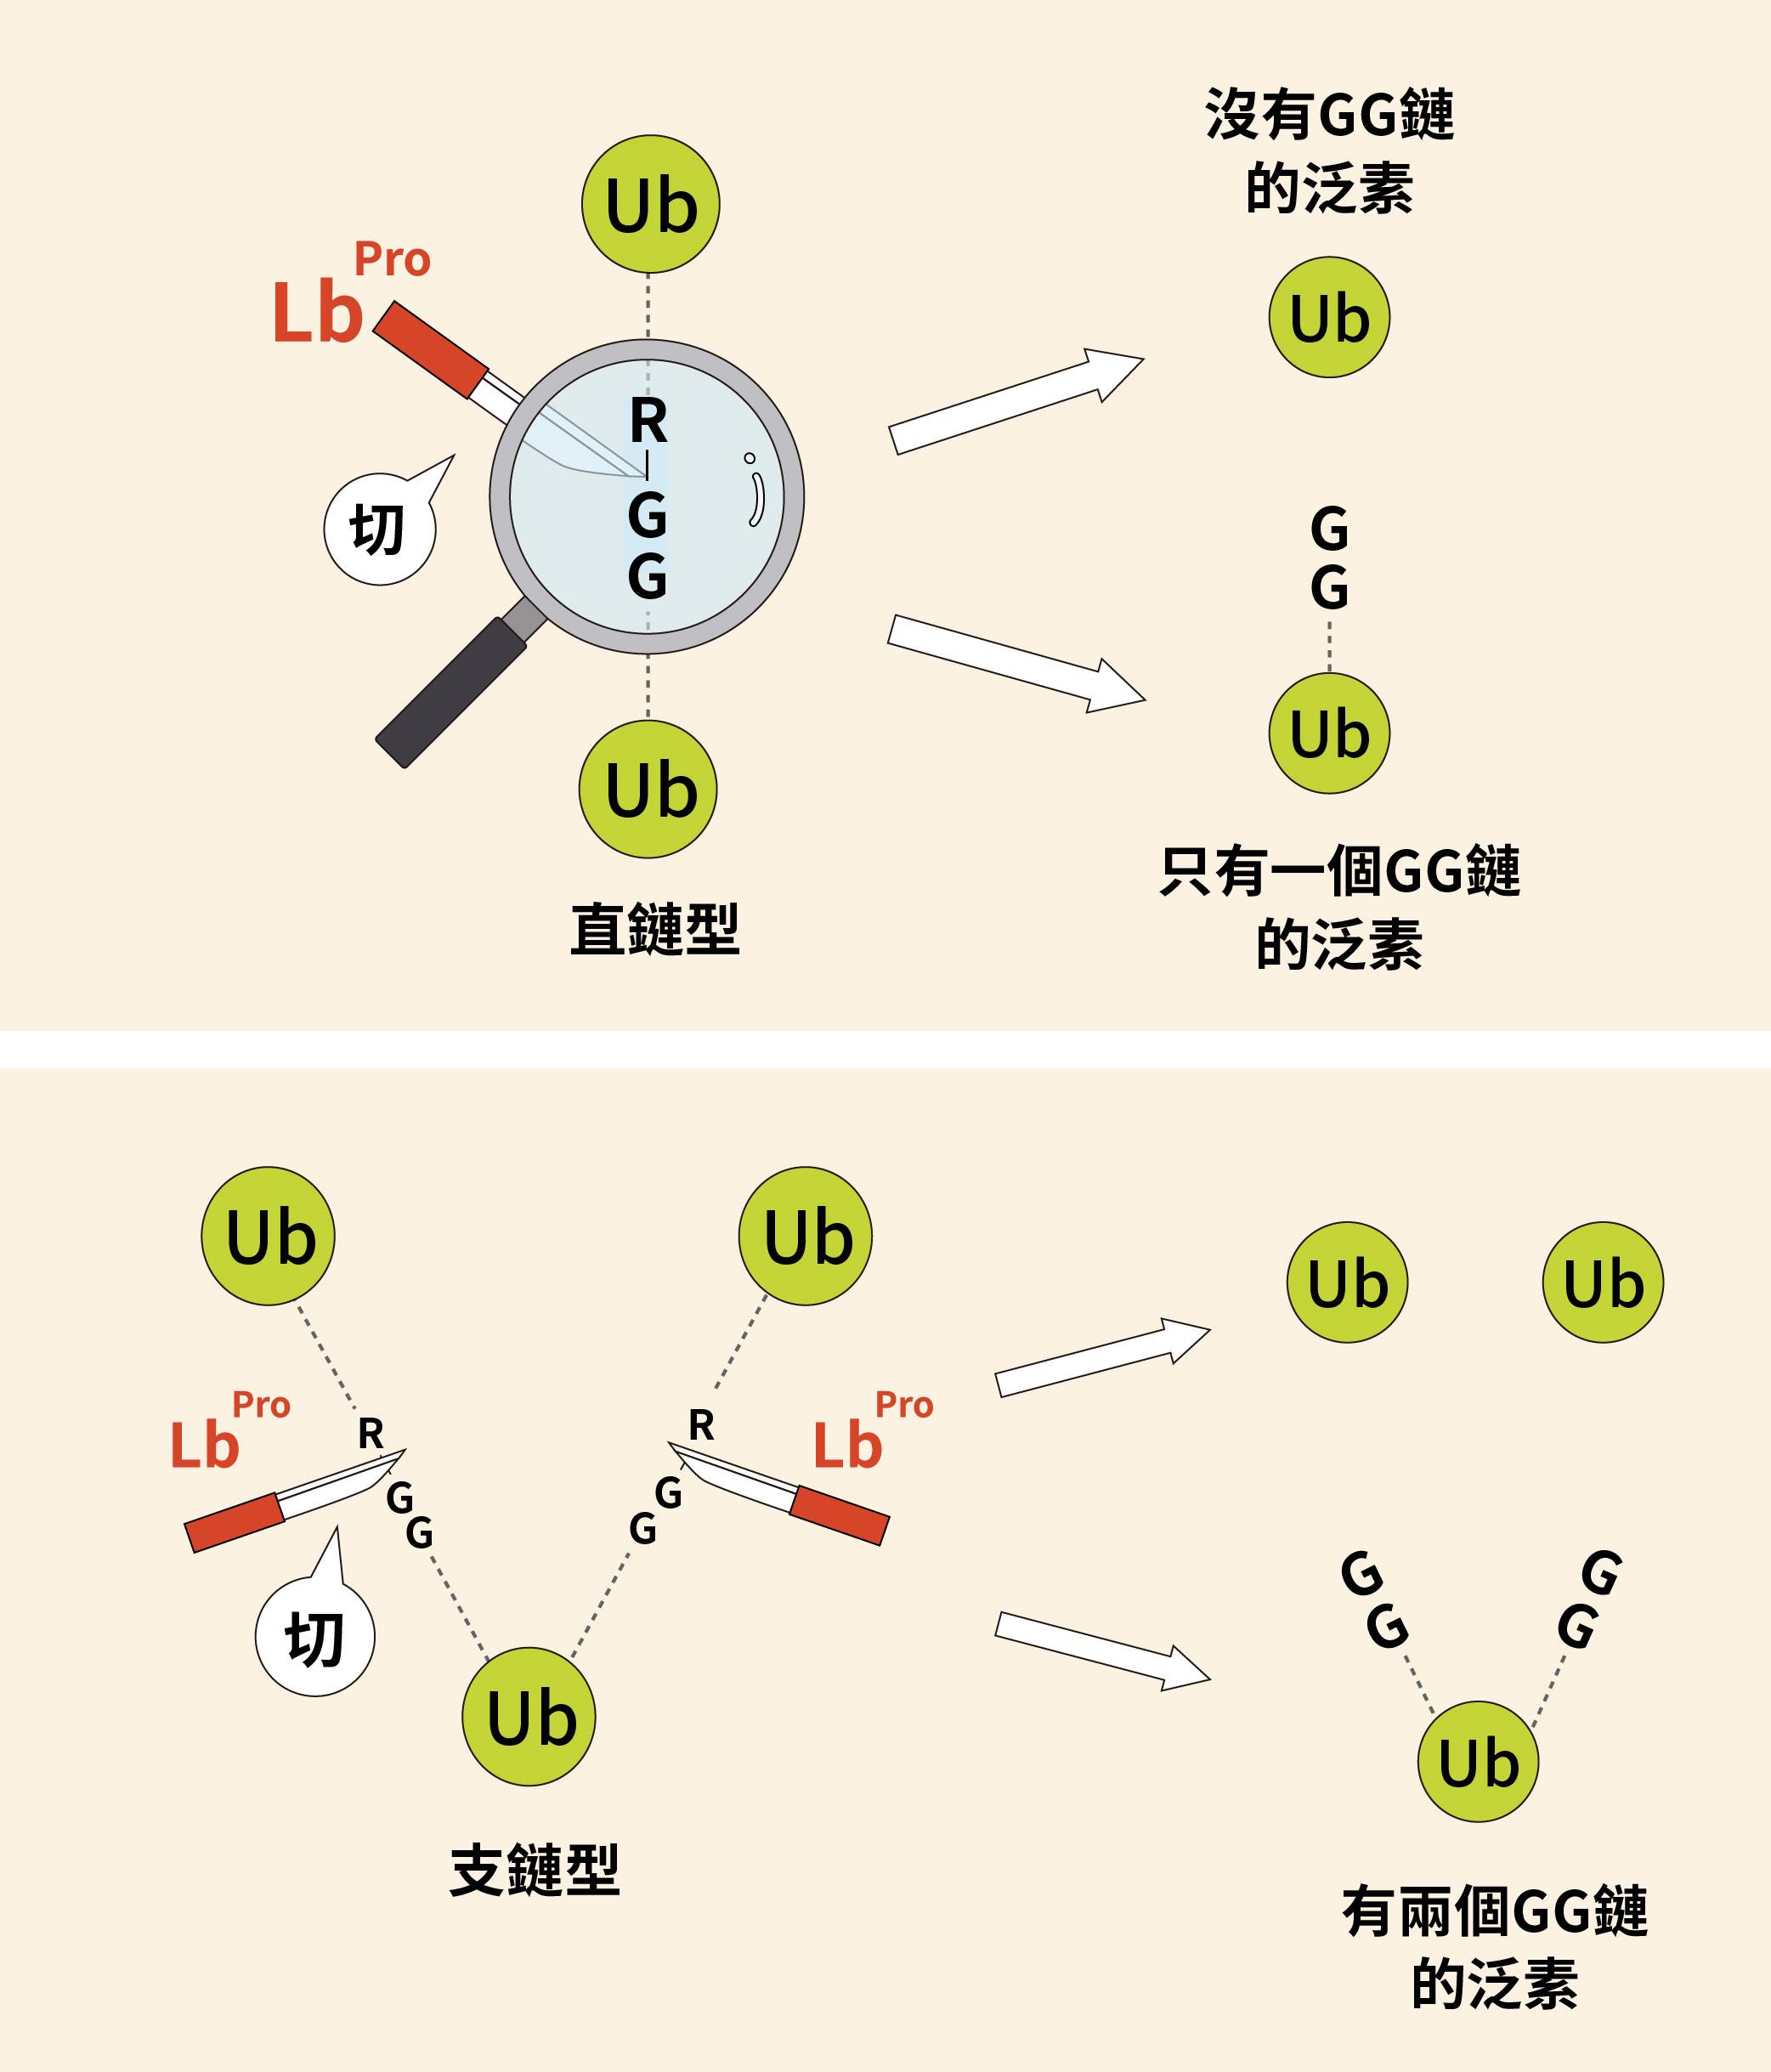 透過口蹄疫病毒的啟發,人工合成的蛋白酶 Lbpro 可以精準切割泛素之間的 R-GG 鏈結,讓研究人員得以透過質譜分析,輕易辨識出泛素的直鏈與支鏈結構及相對含量。圖│研之有物(資料來源│陳瑞華)